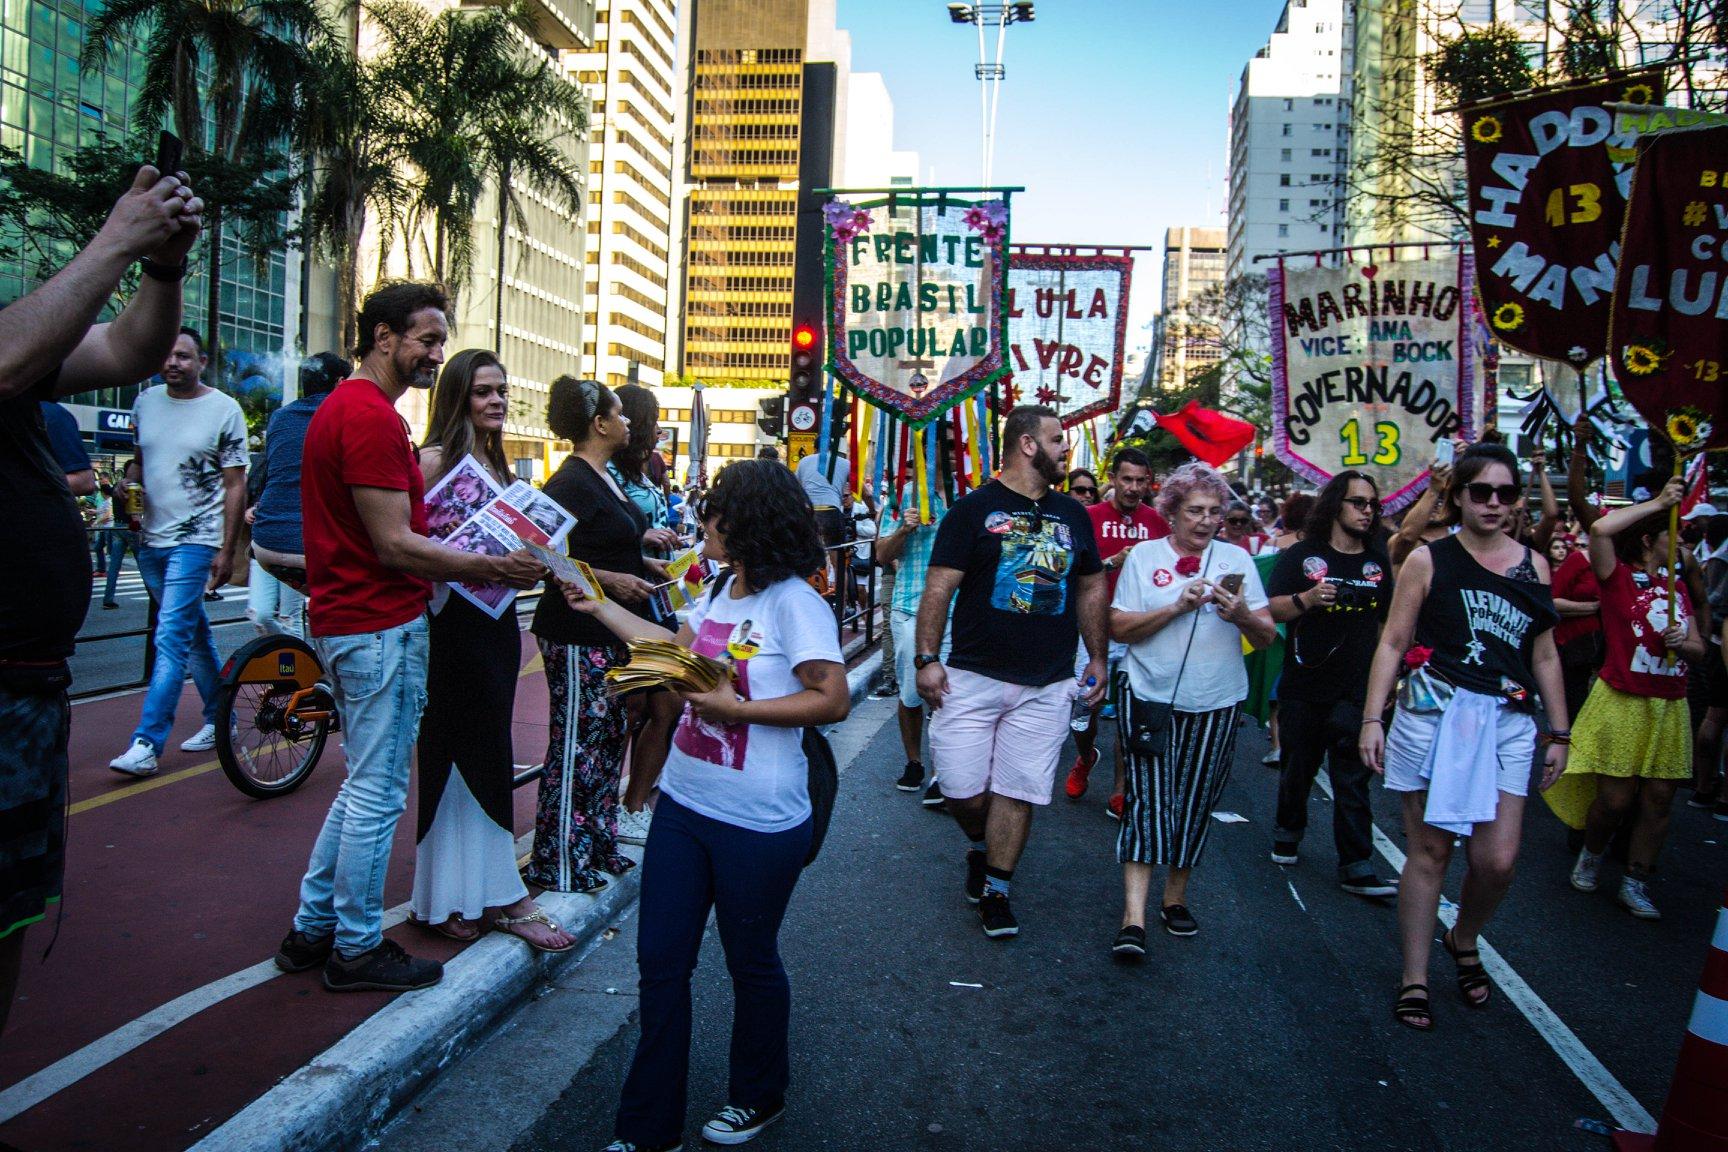 FOTO5A-Bloco vem com Lula